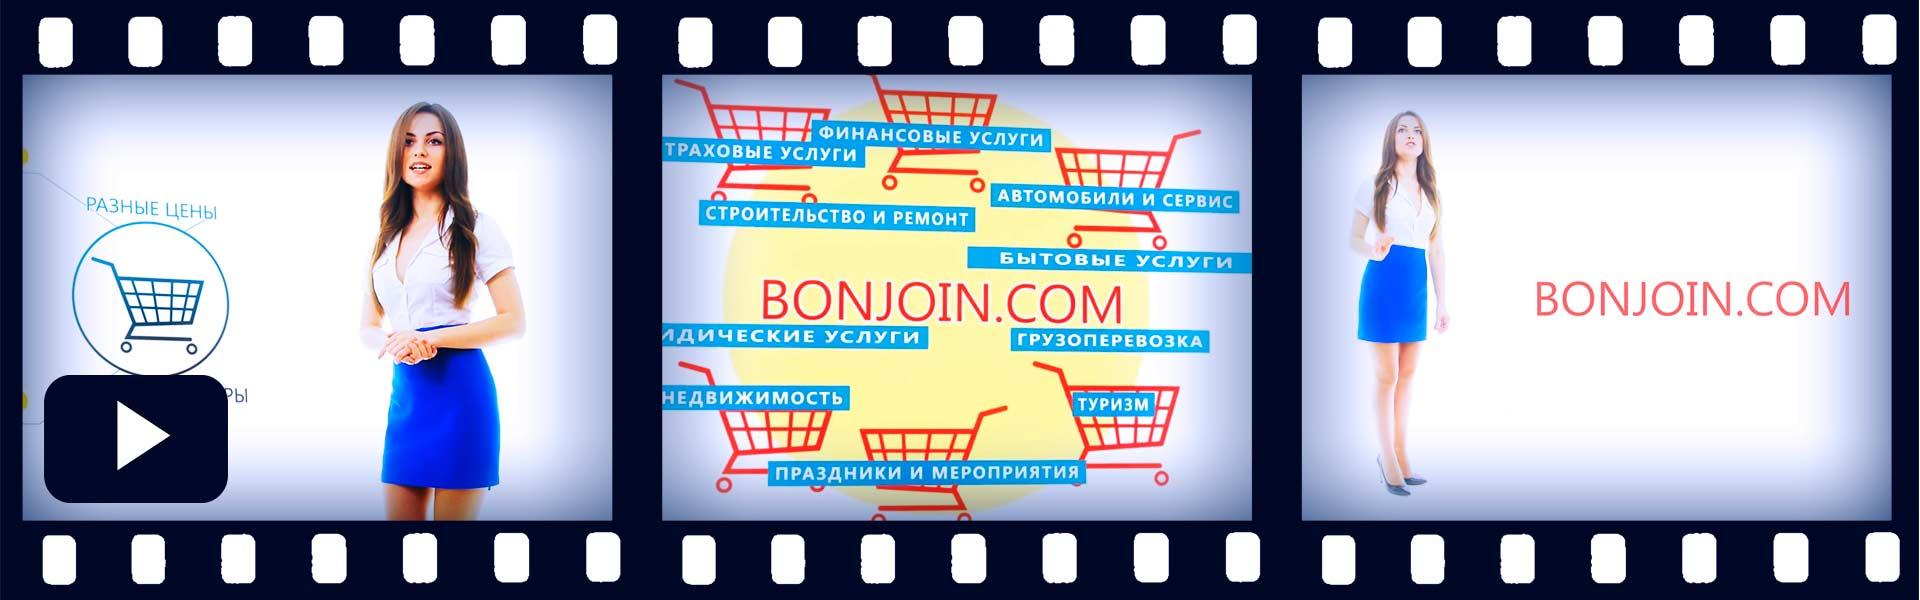 Инструкция для сайта bonjoin.com